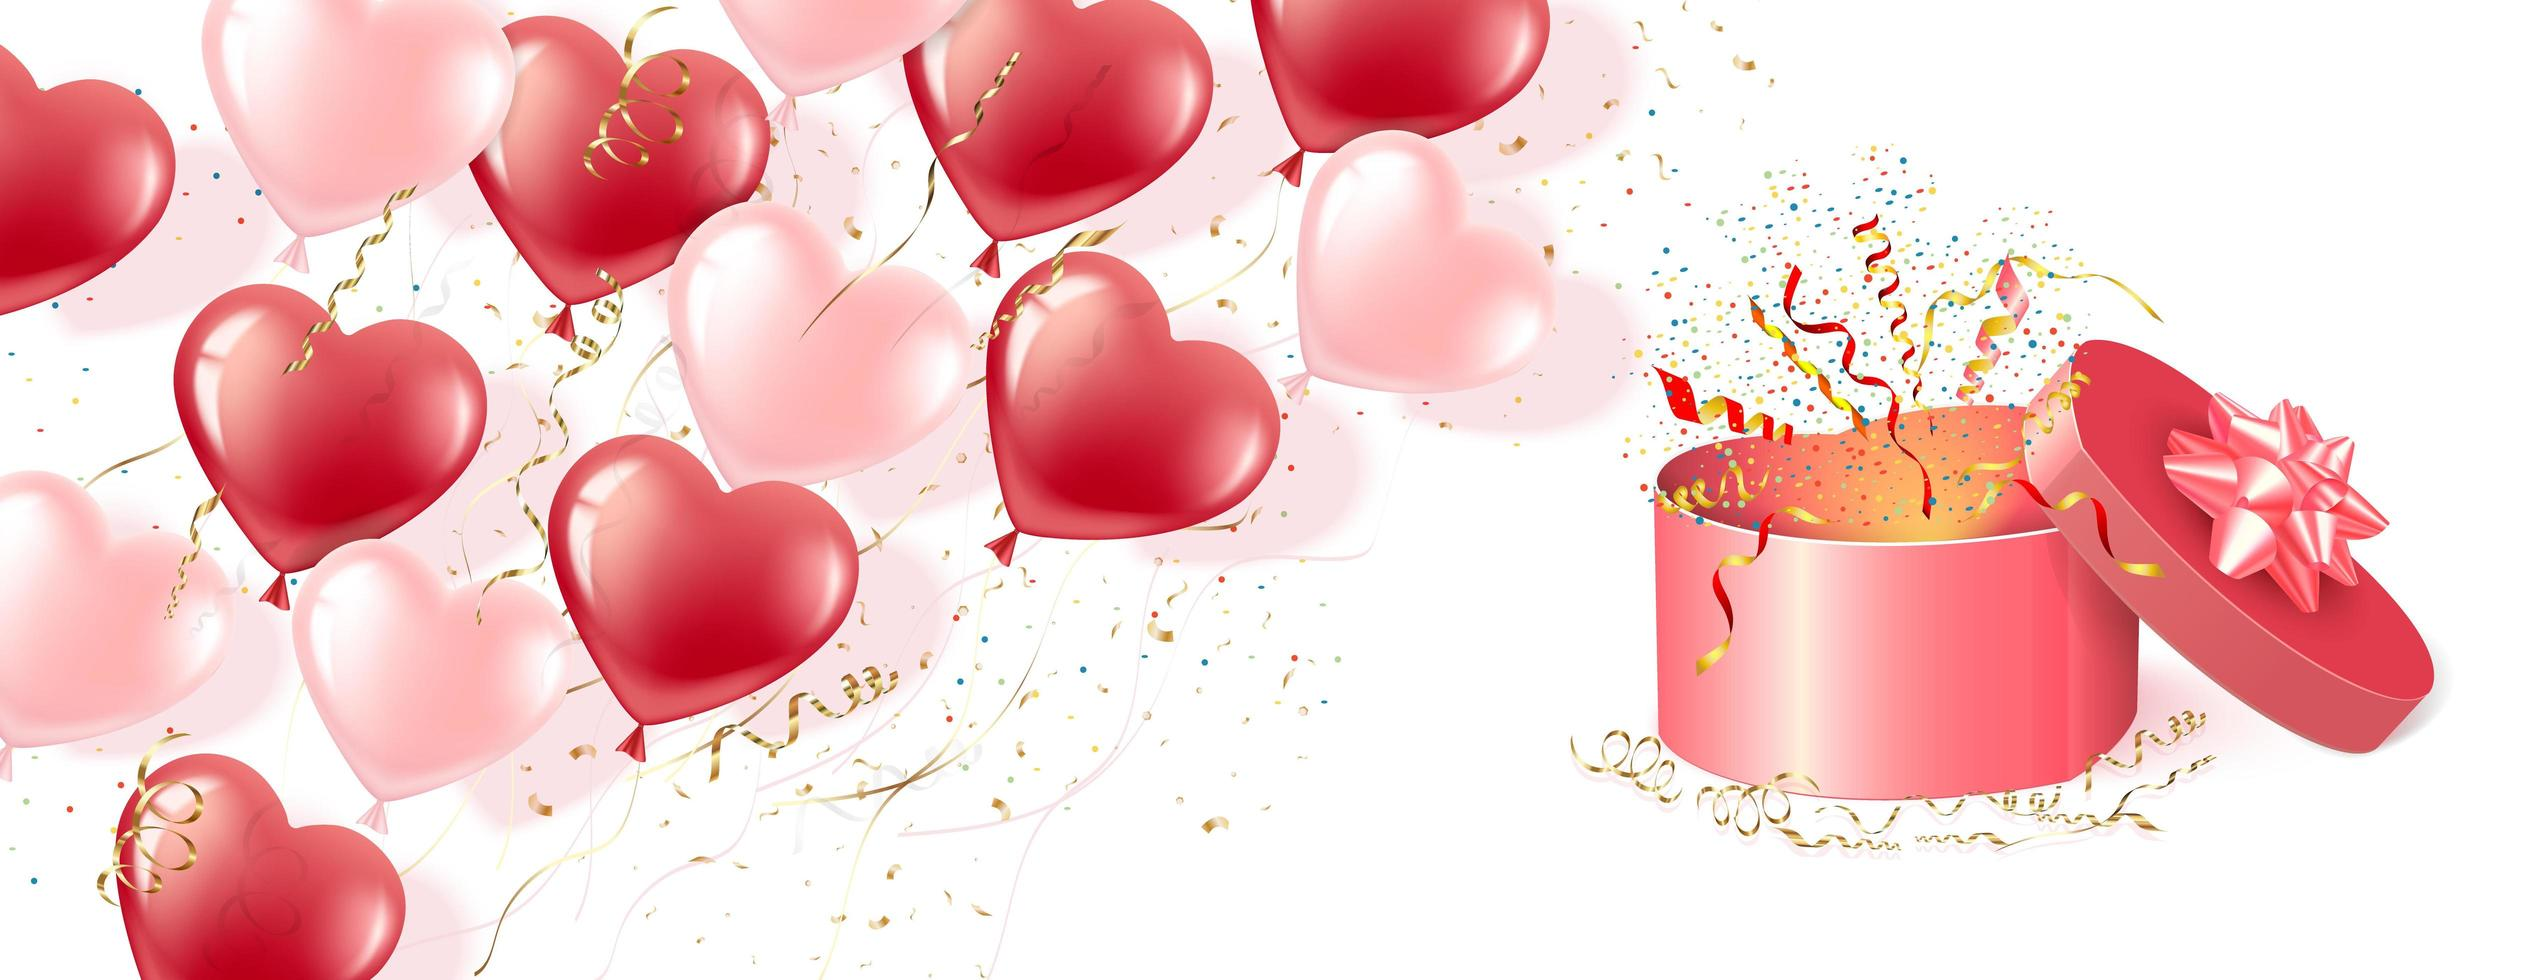 banner di palloncini a forma di cuore rosa e rossi e confezione regalo vettore